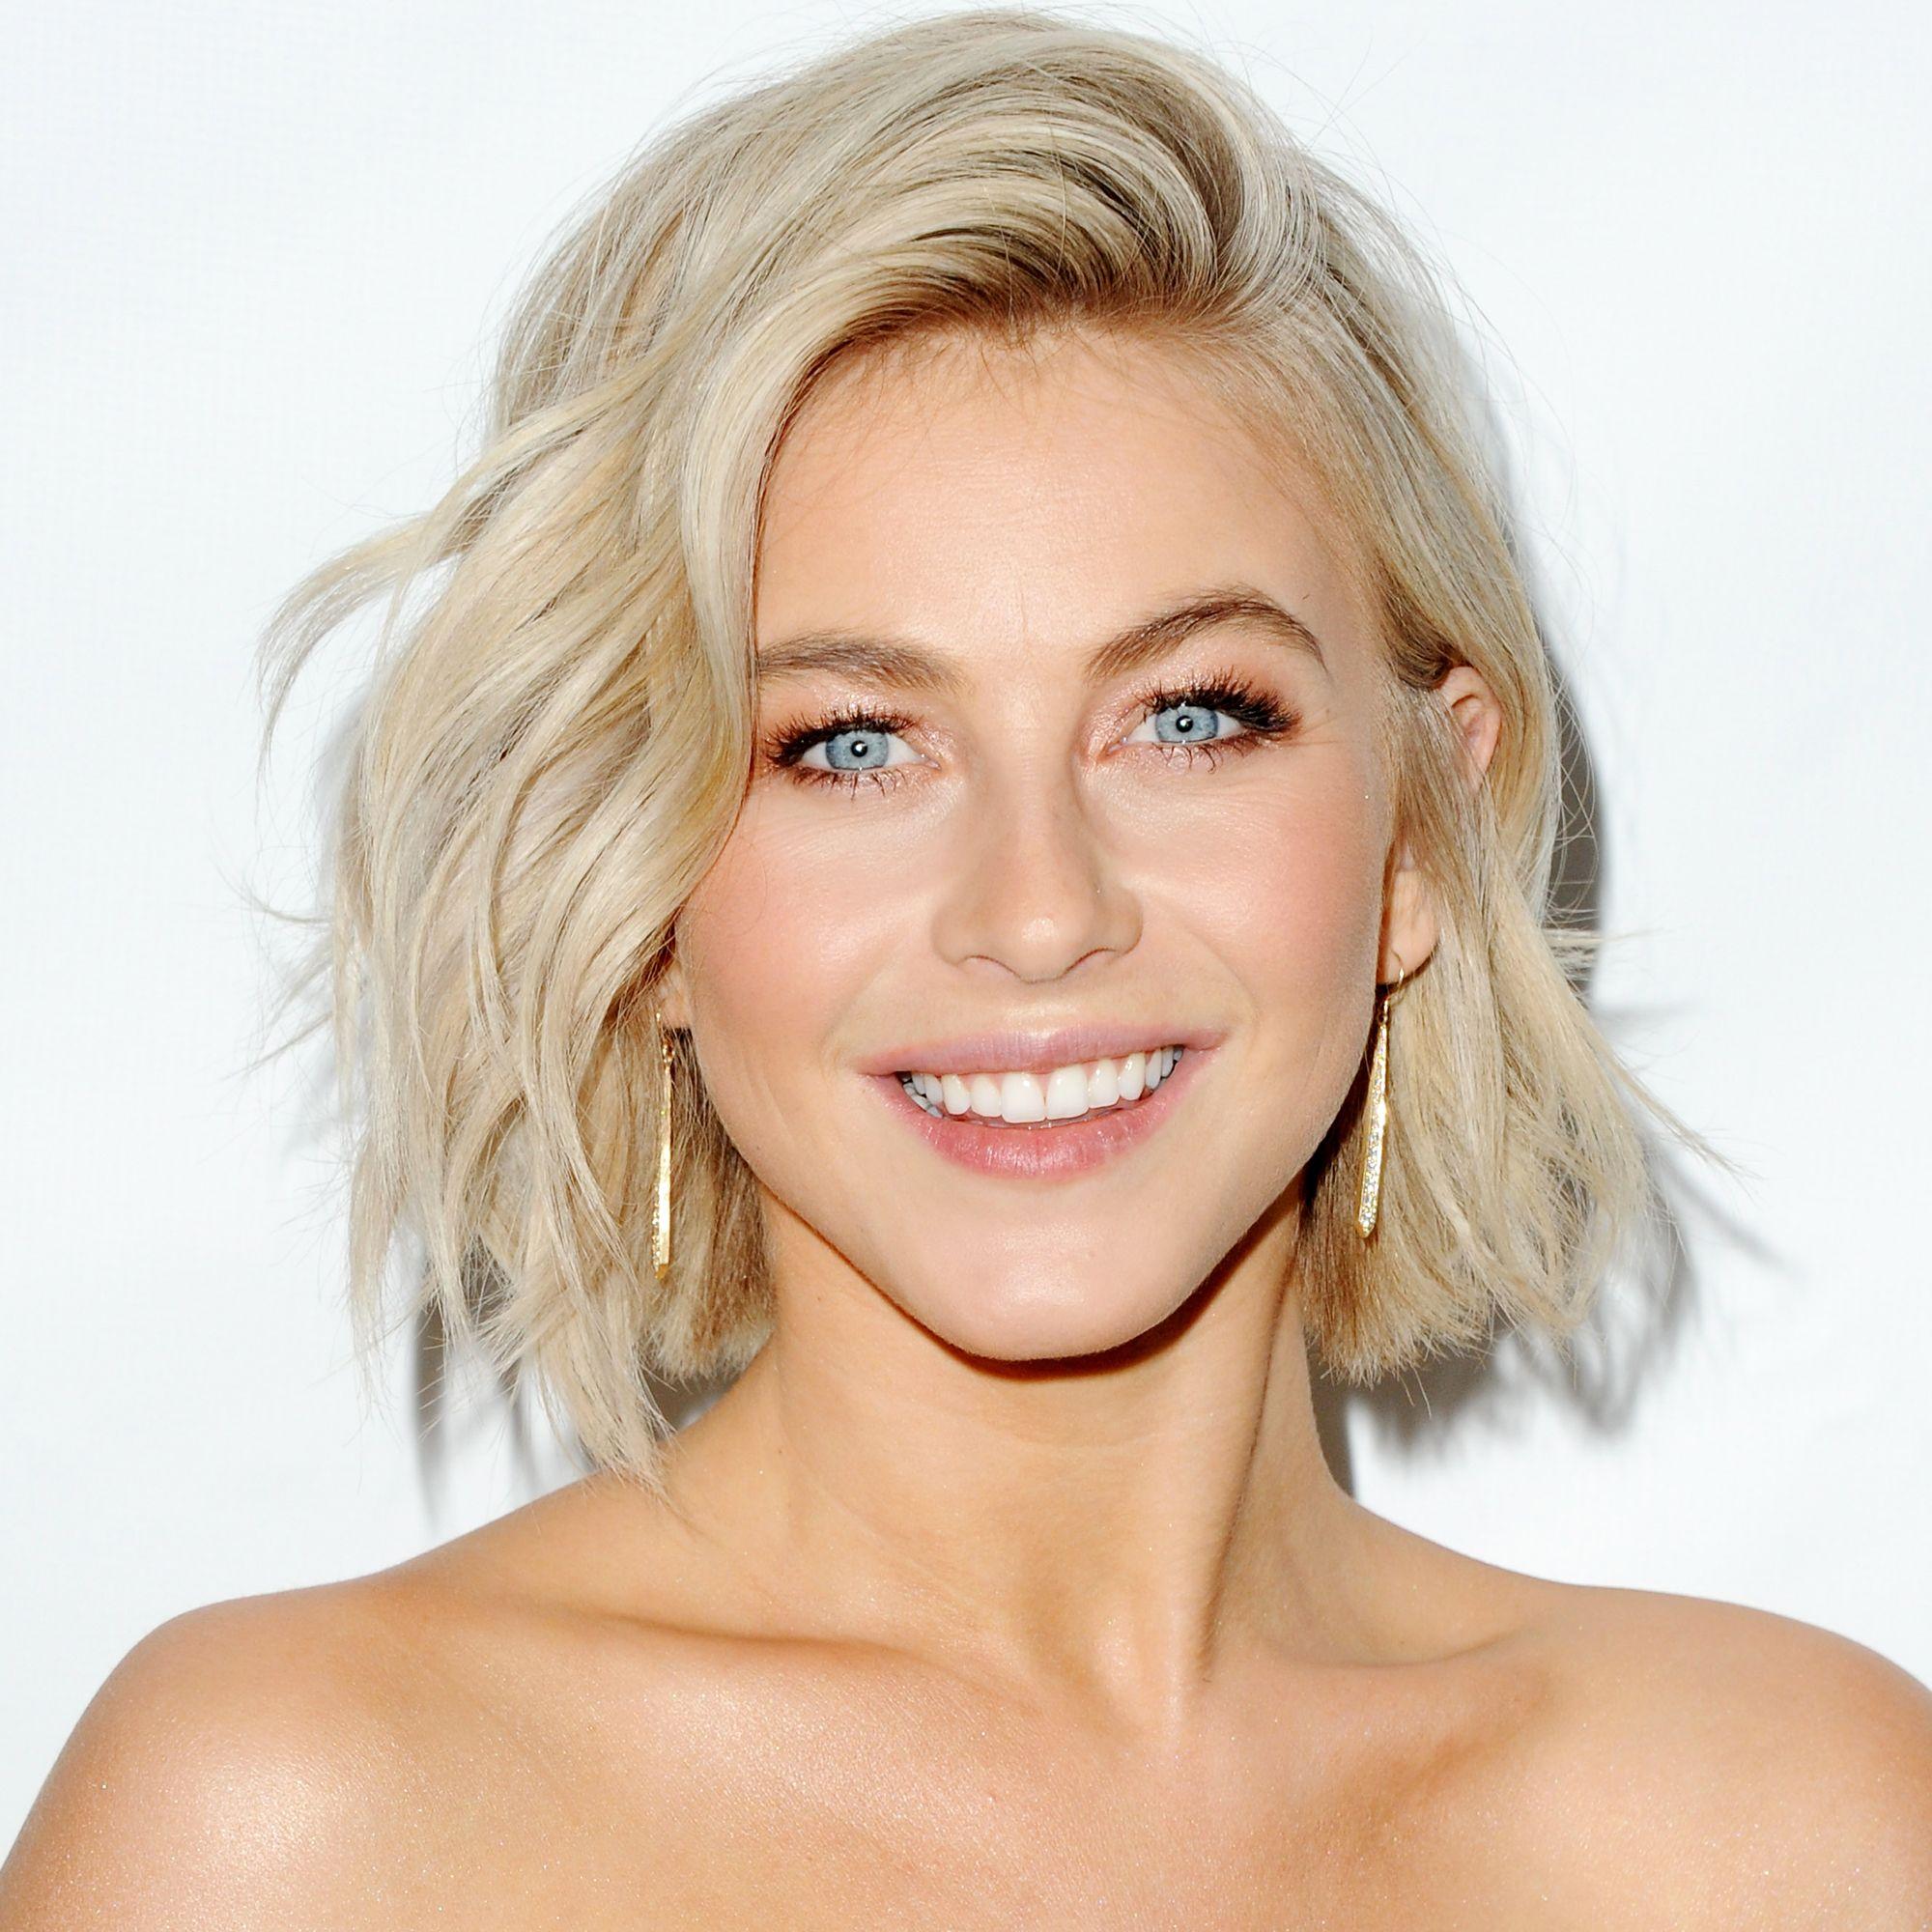 Julianne houghus changing looks účesy pinterest hair hair